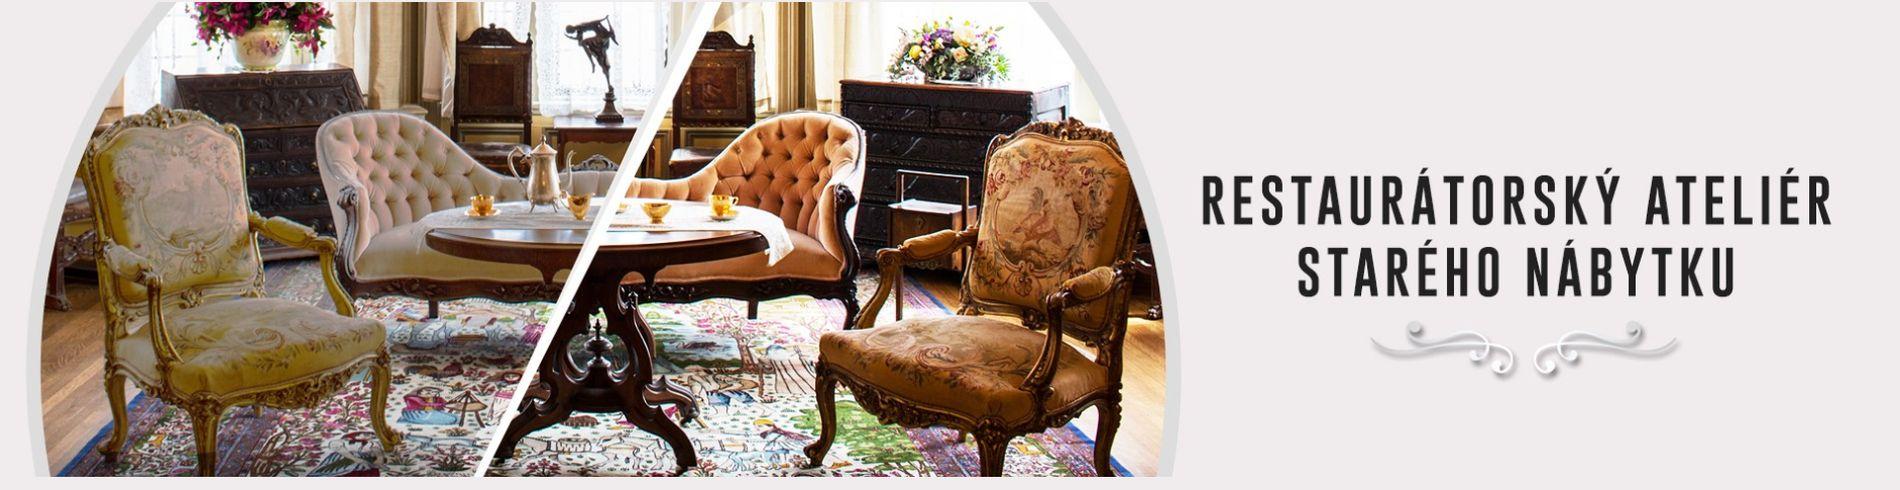 Restaurování nábytku - restaurátorský atelier